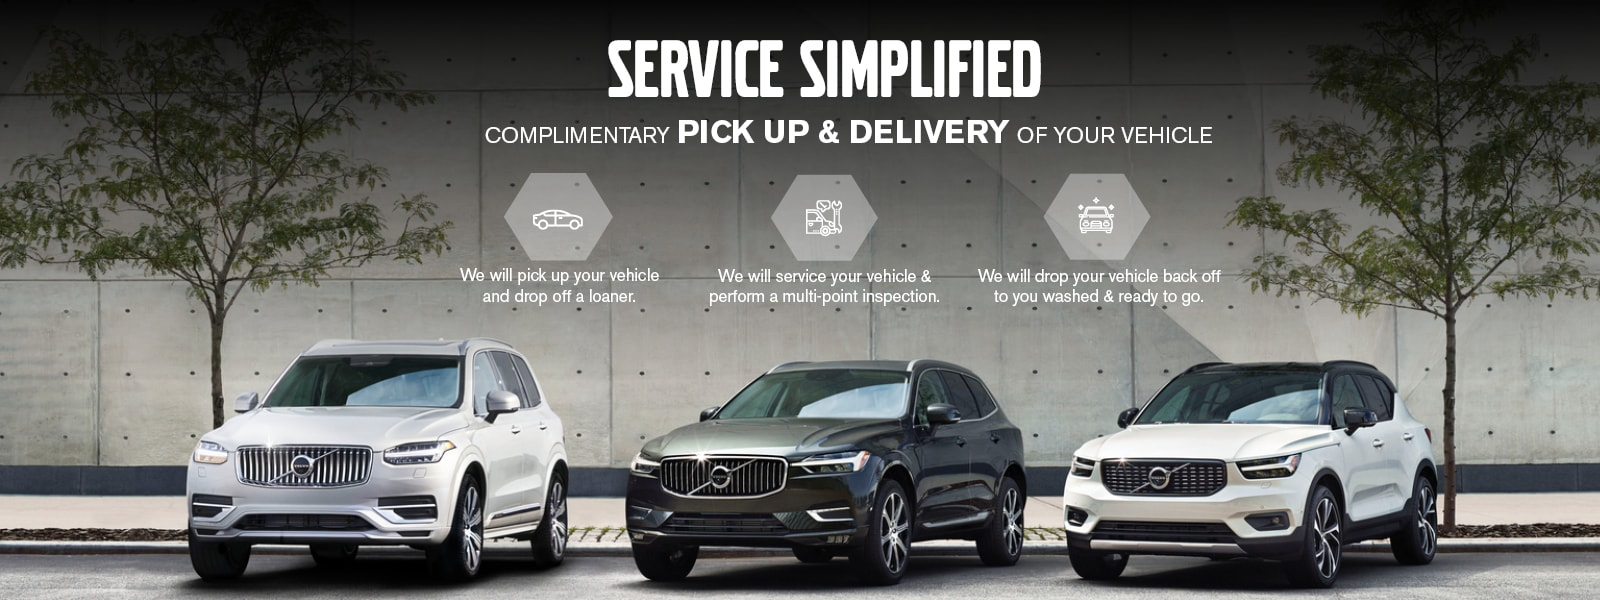 service specials volvo cars manhattan service specials volvo cars manhattan